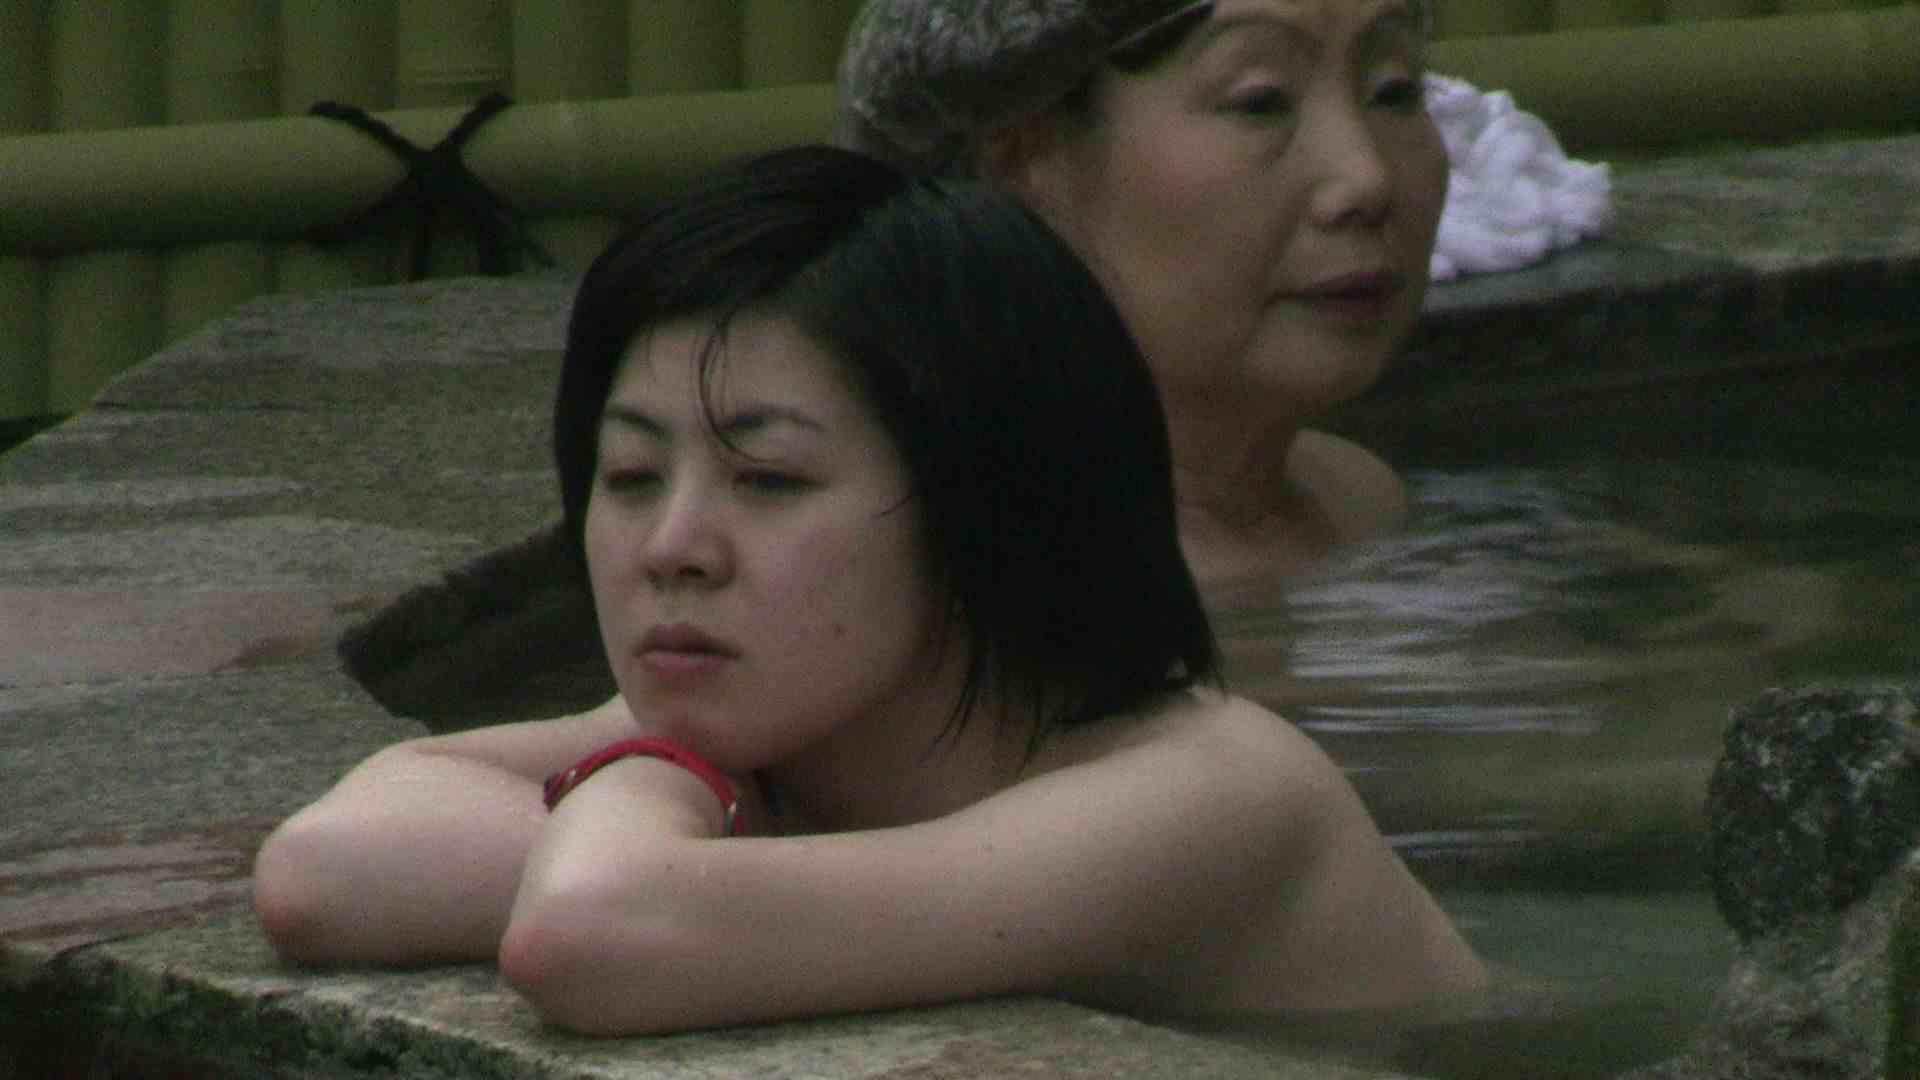 Aquaな露天風呂Vol.685 0  60pic 8